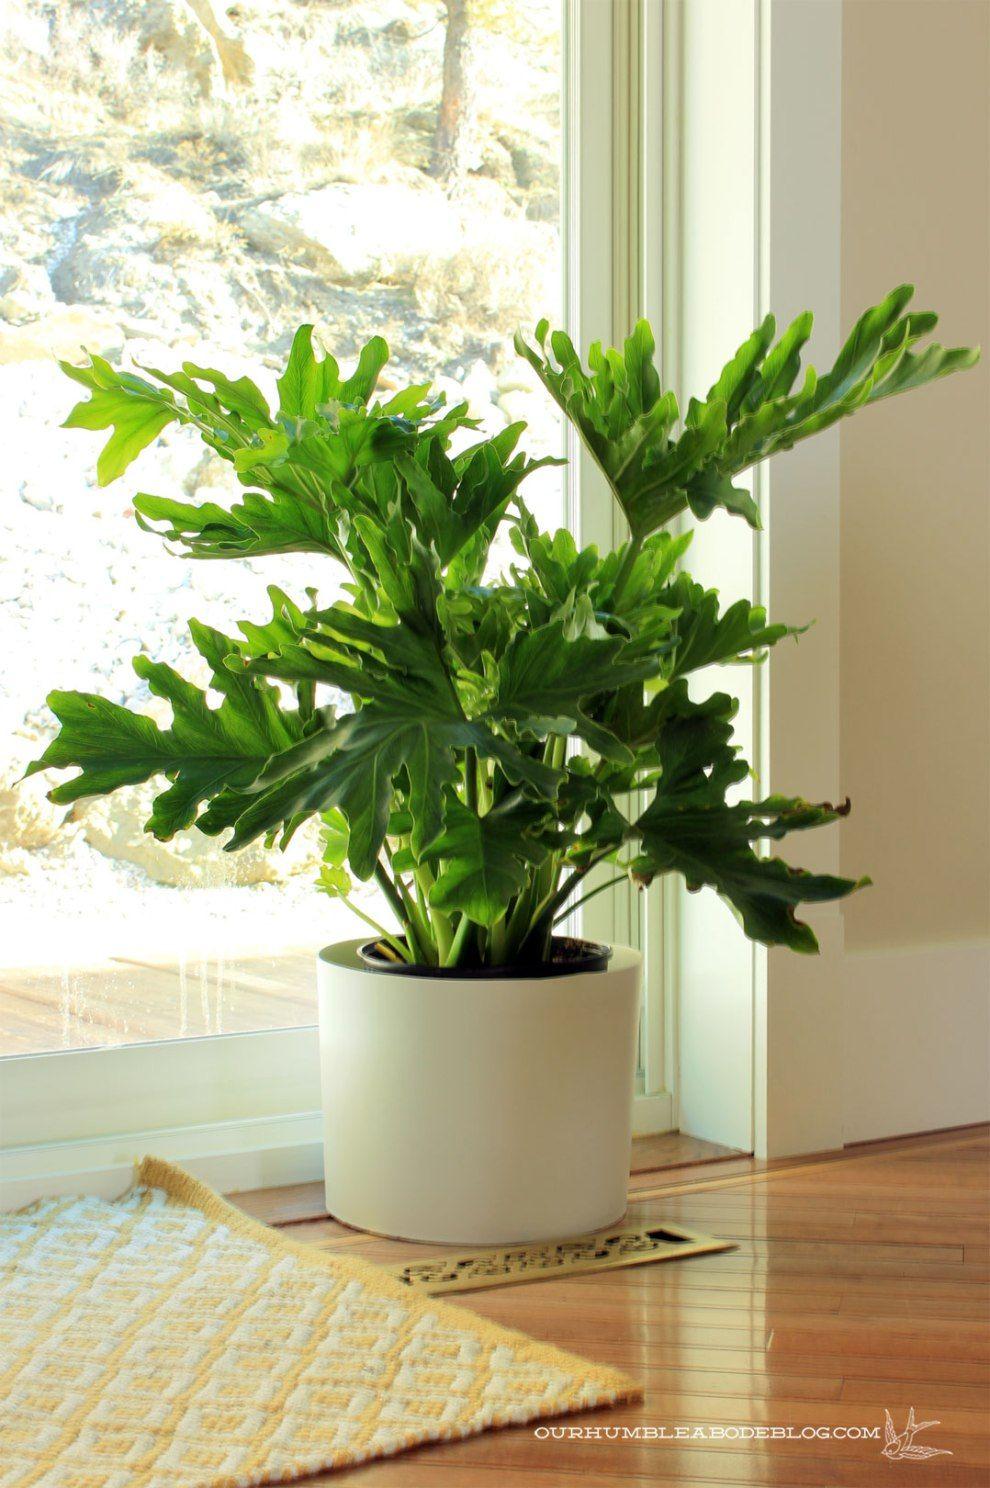 Big Leaf Philodendron Big House Plants Best Indoor Plants